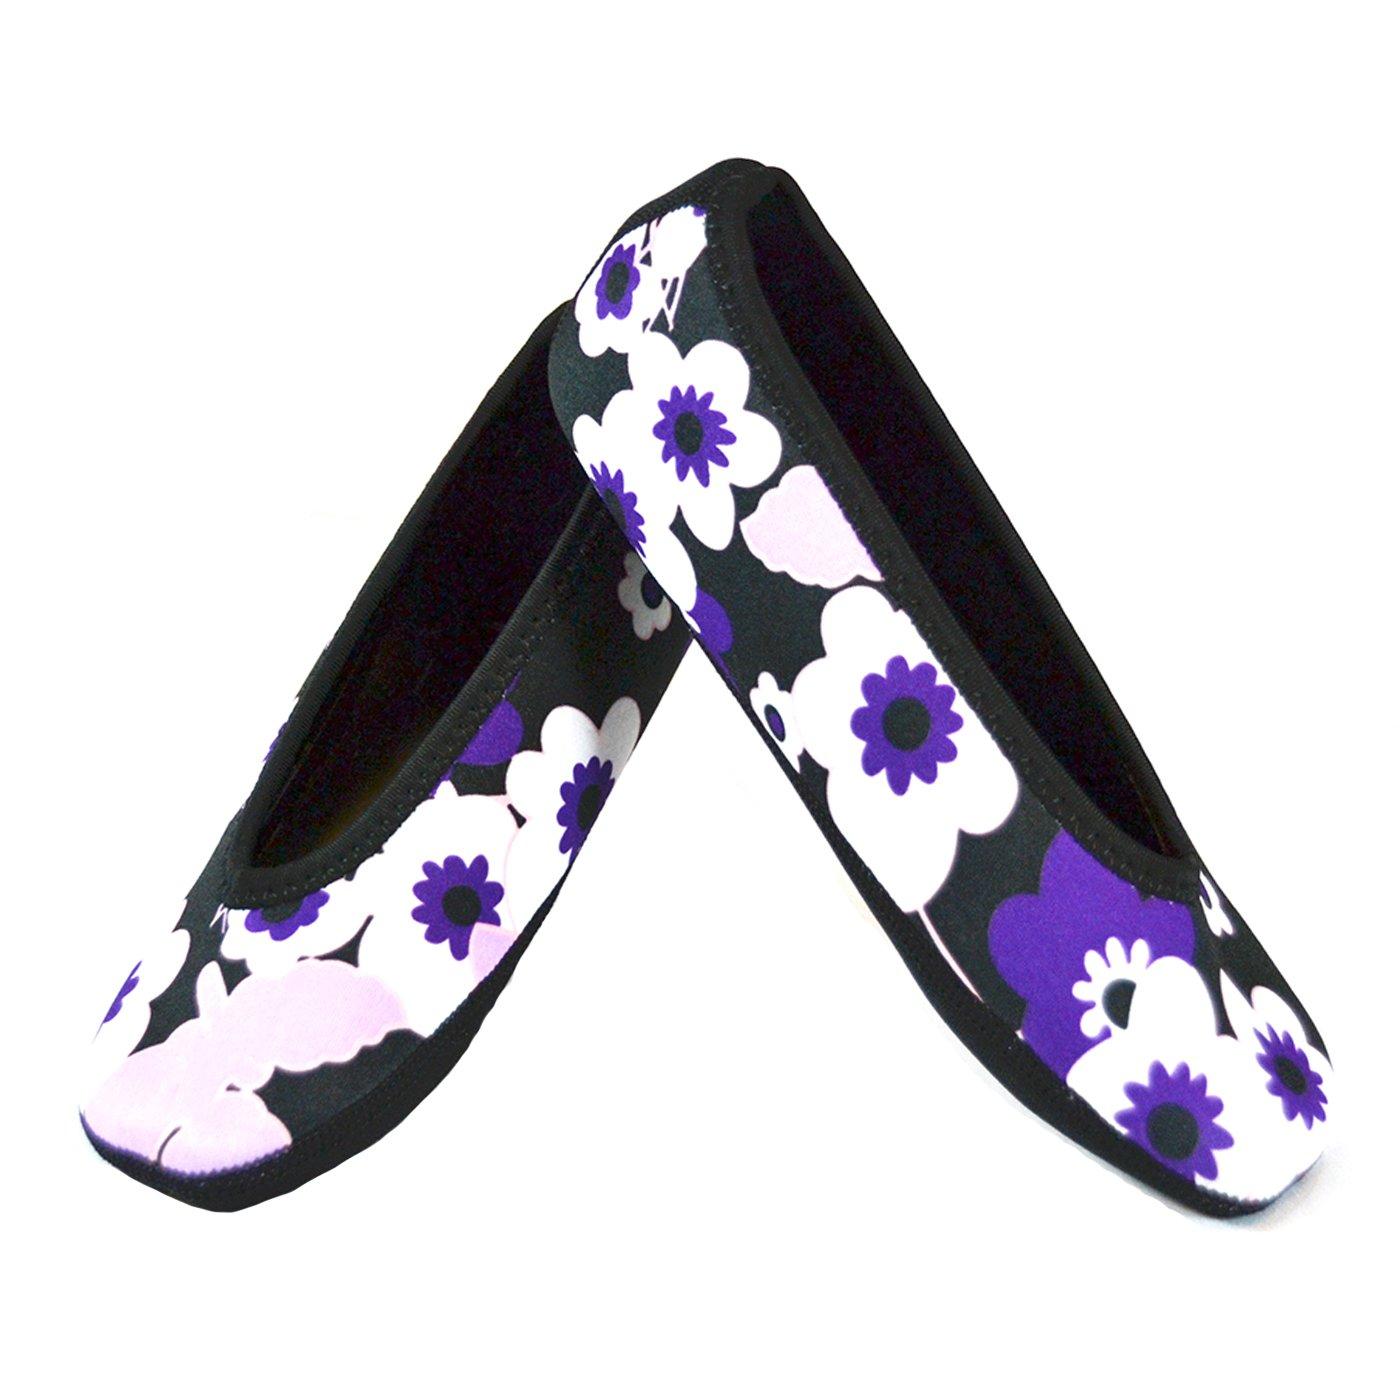 53b2d80ad Amazon.com: NuFoot Ballet Flats Women's Shoes, Best Foldable ...